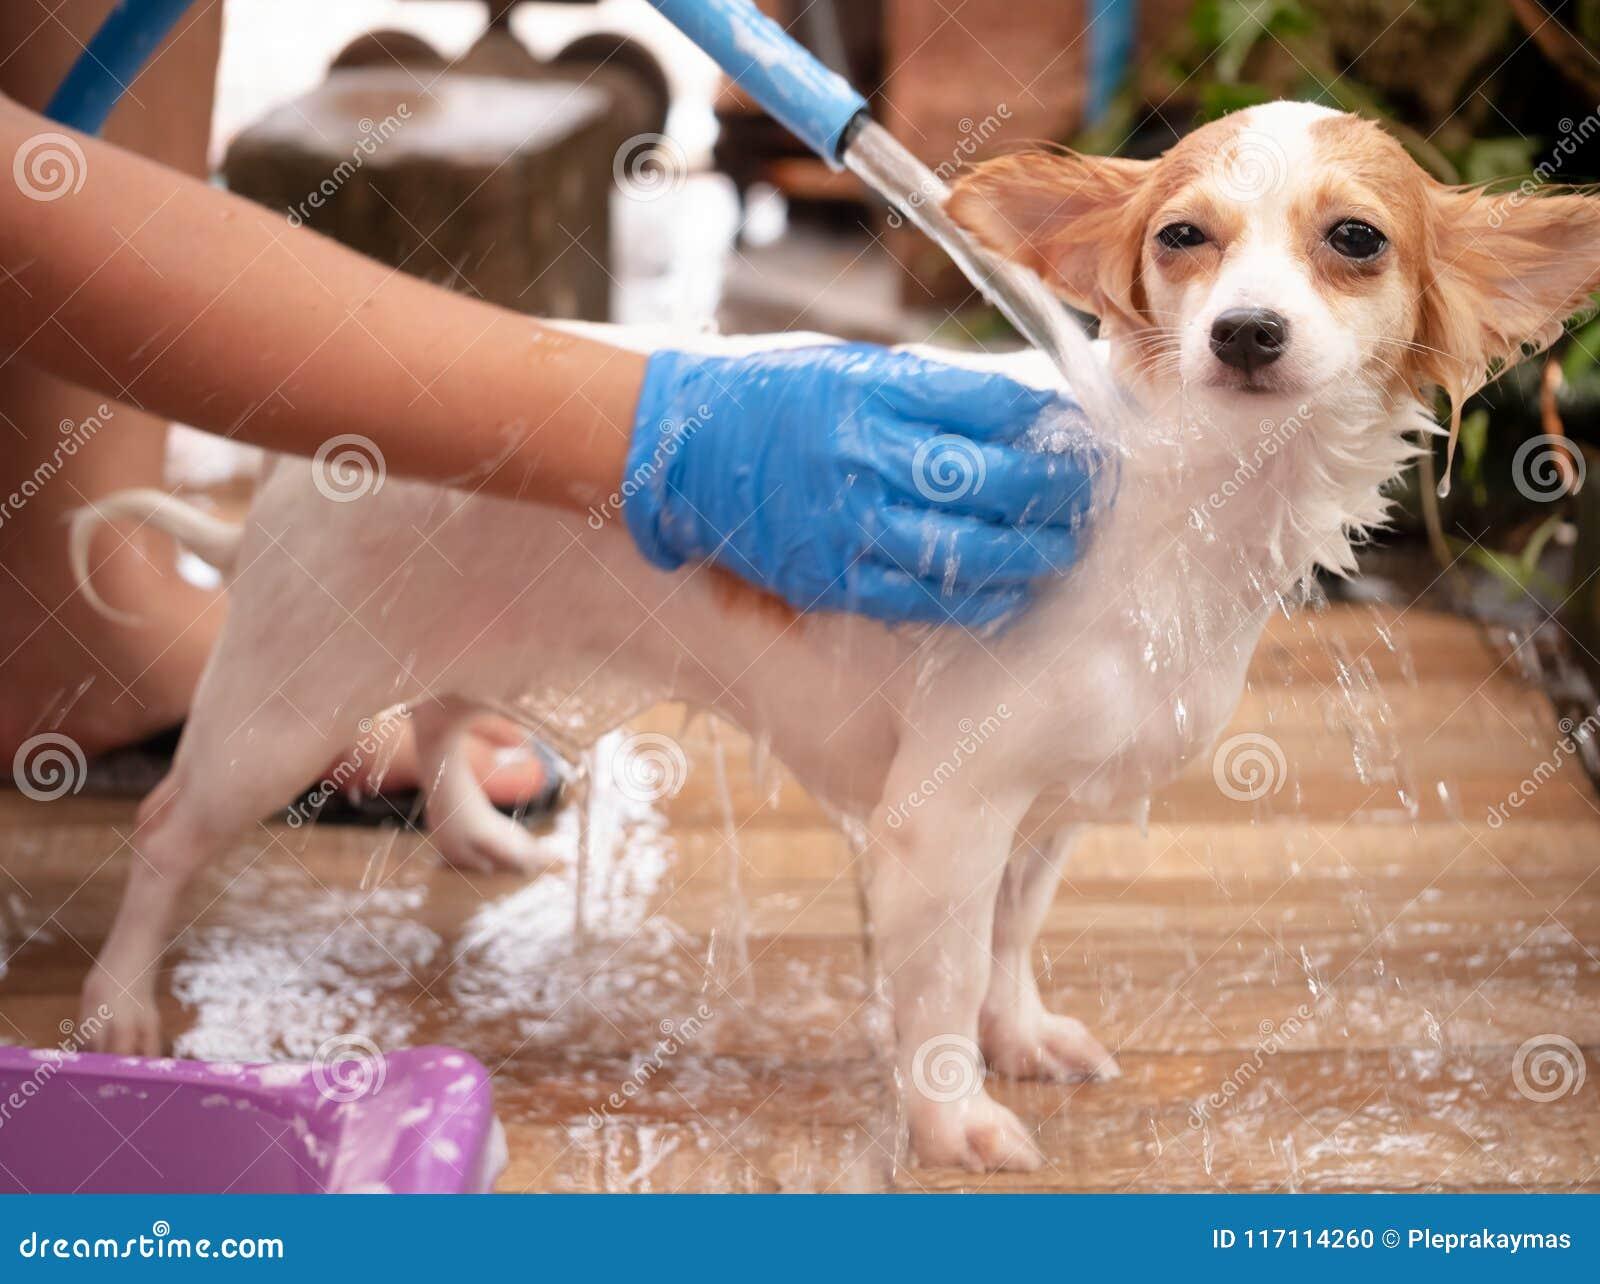 Cane della chihuahua dopo la presa della doccia a casa - Bagno cane dopo antipulci ...